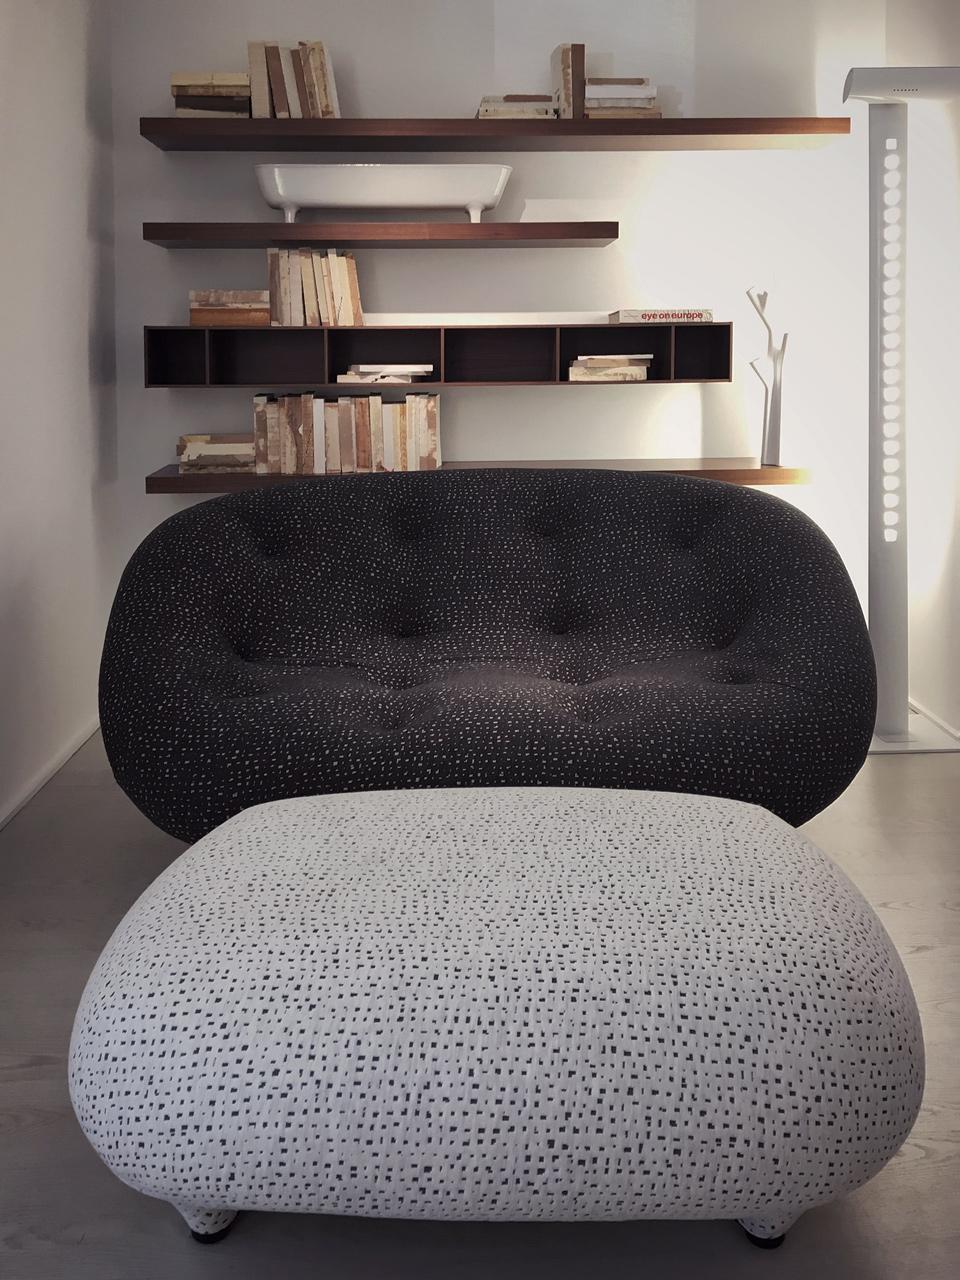 ploum sofa  / ligne roset